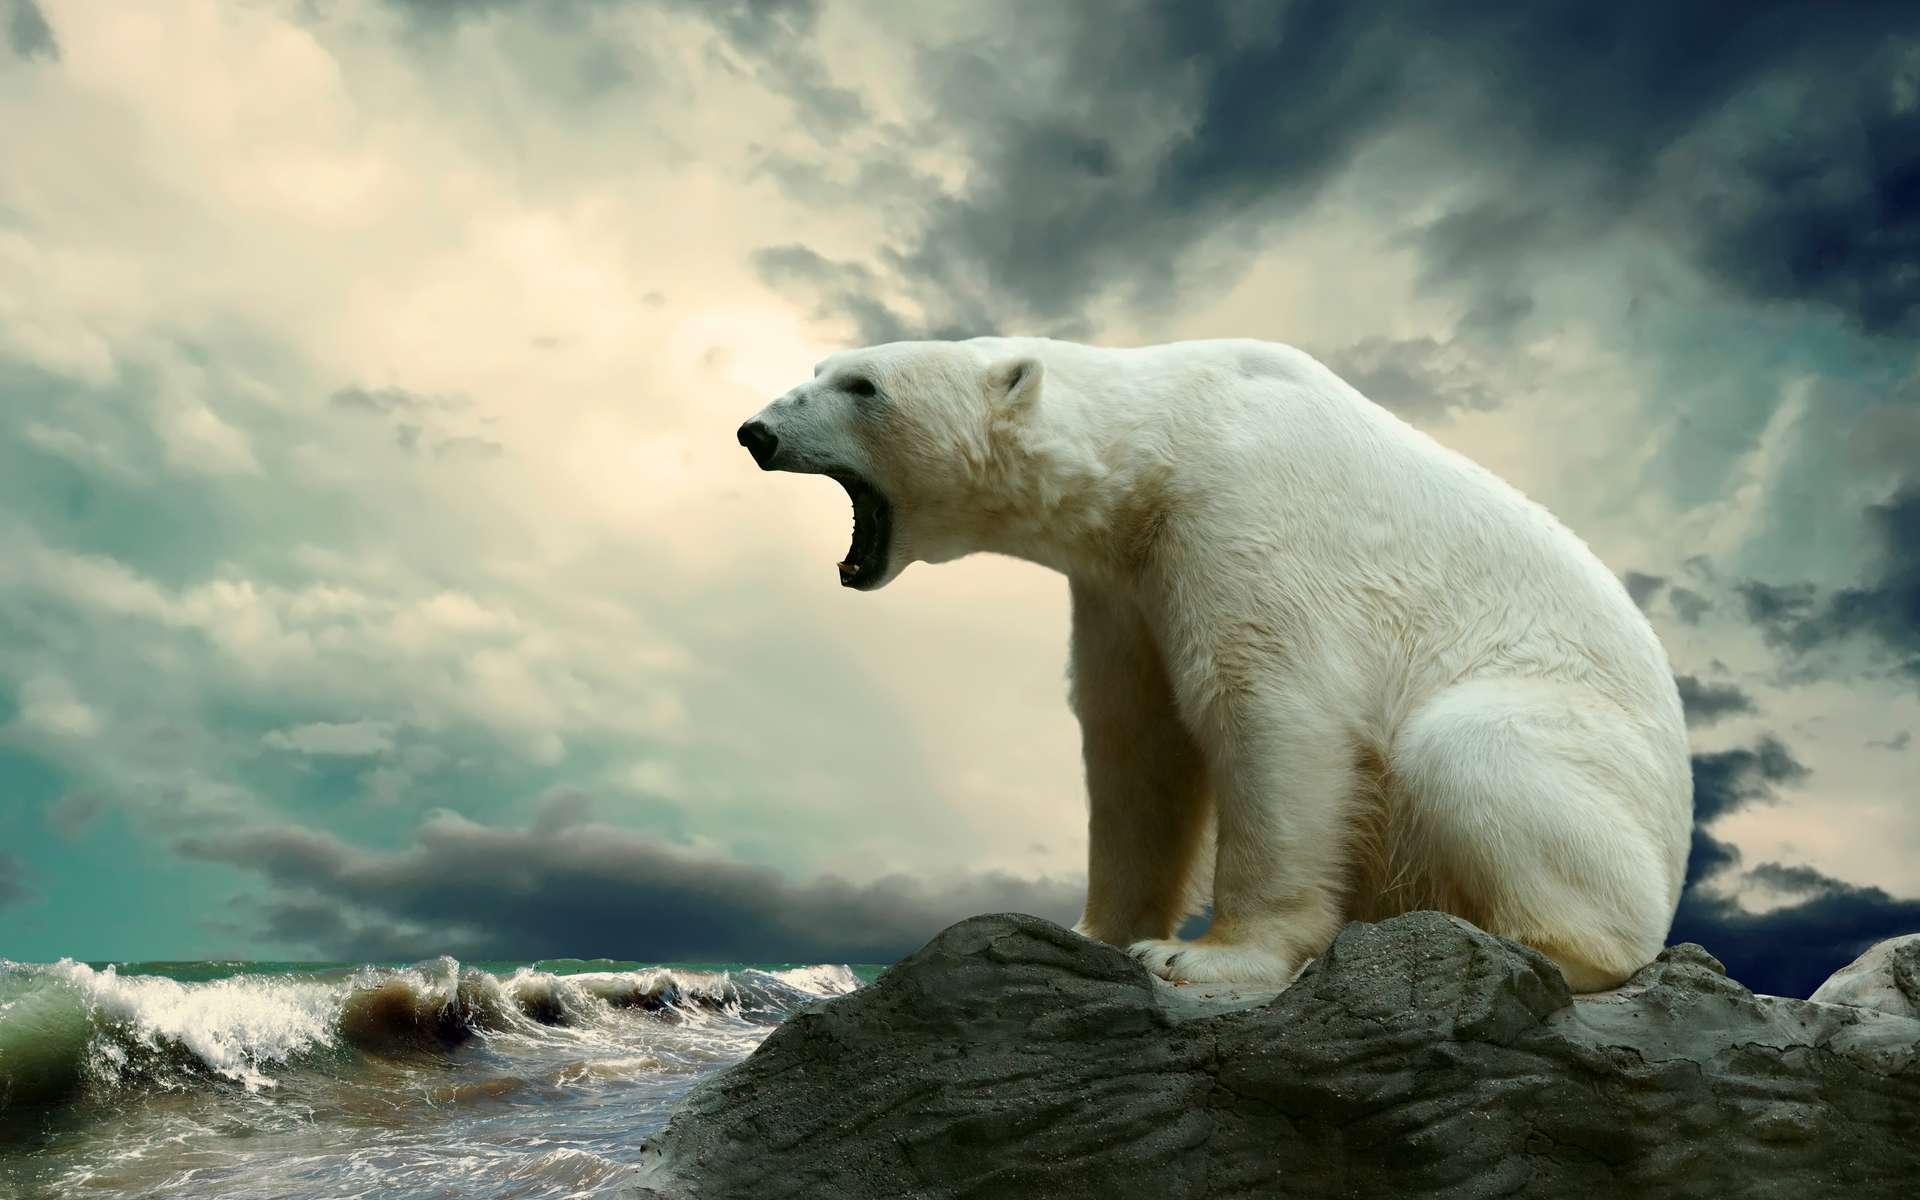 La disparition toujours plus grande et longue de la banquise en été menace les ours polaires. © Andrii Iurlov, Adobe Stock